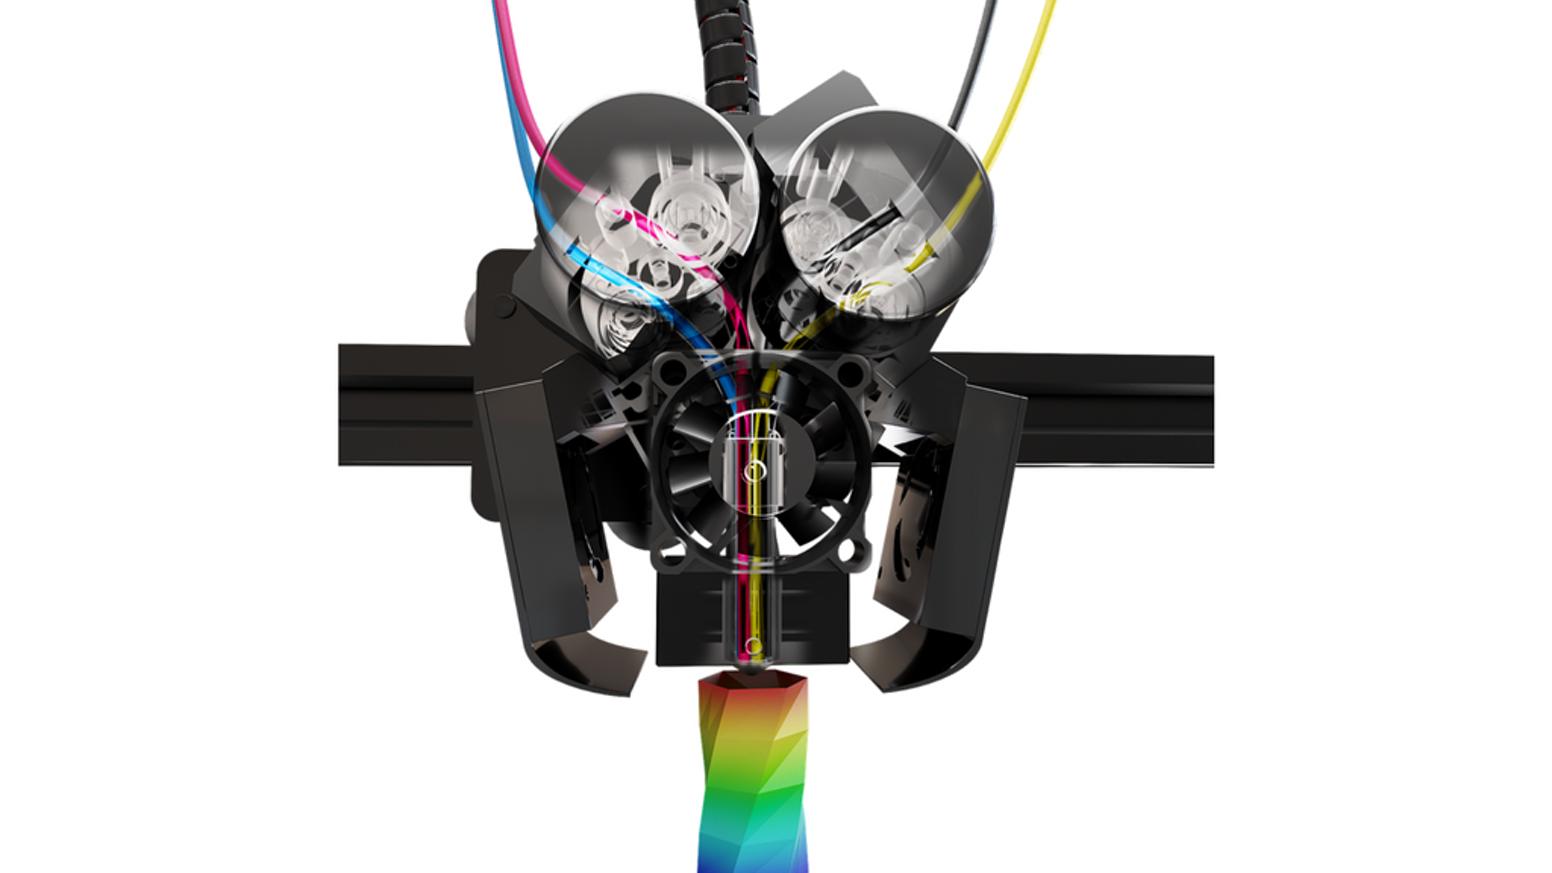 M3d Unveils The Crane Quad A New Color Desktop 3d